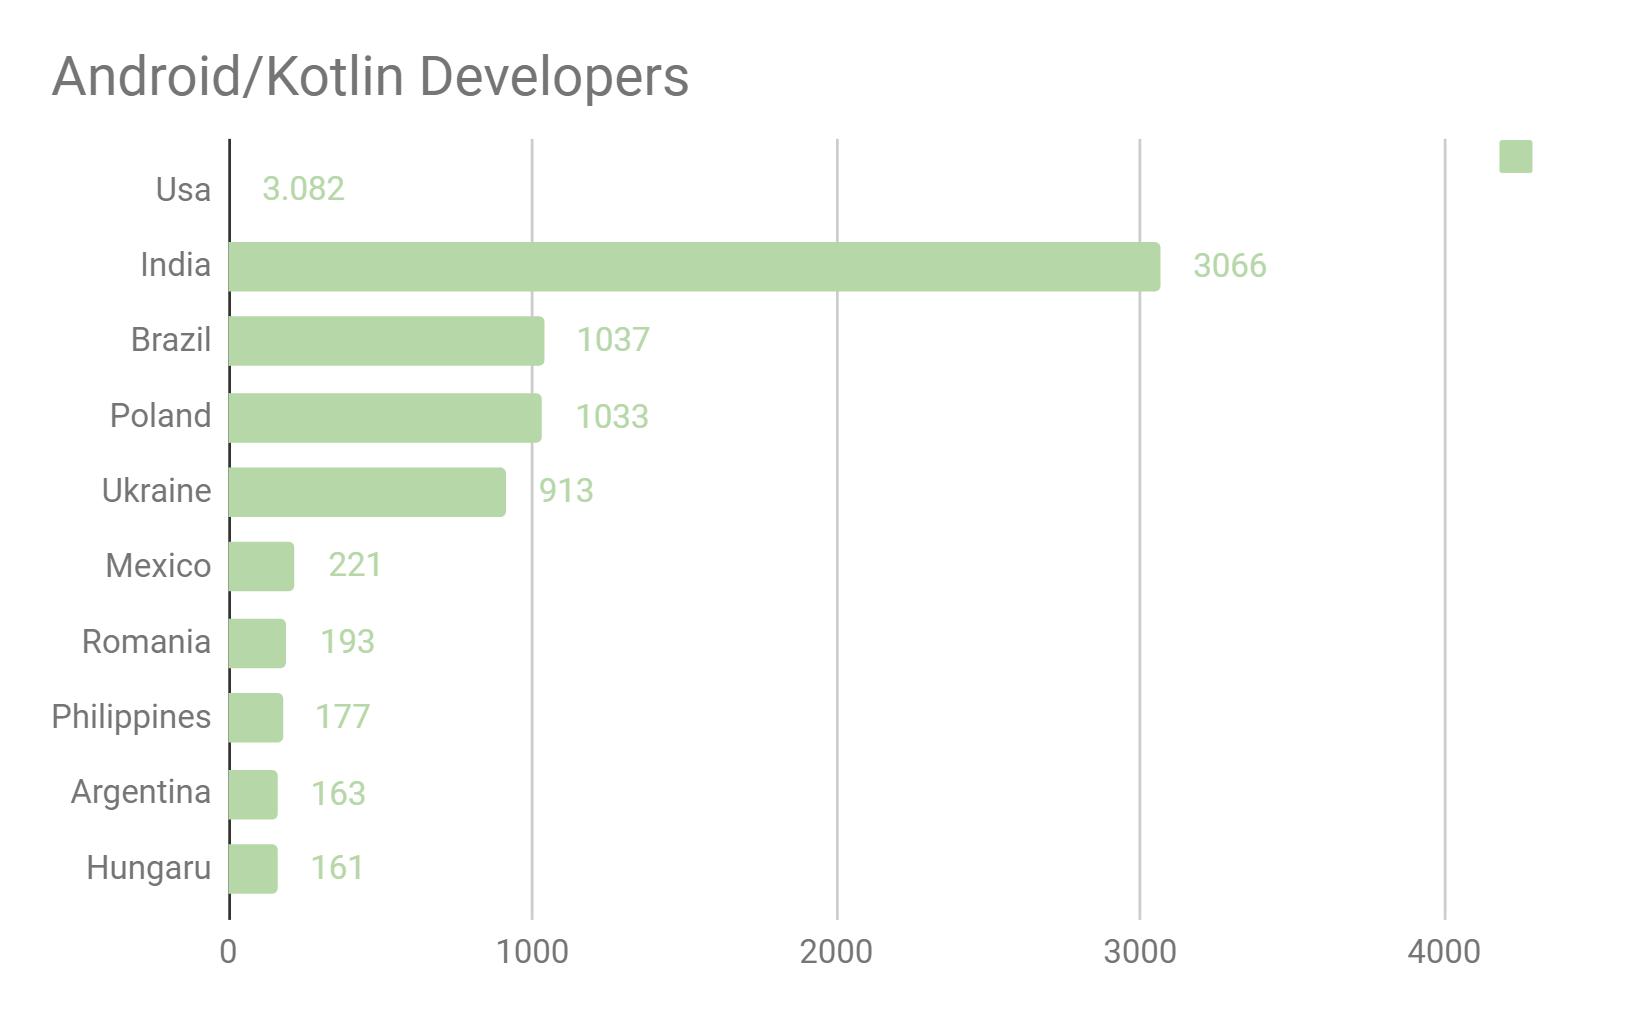 Kotlin developers